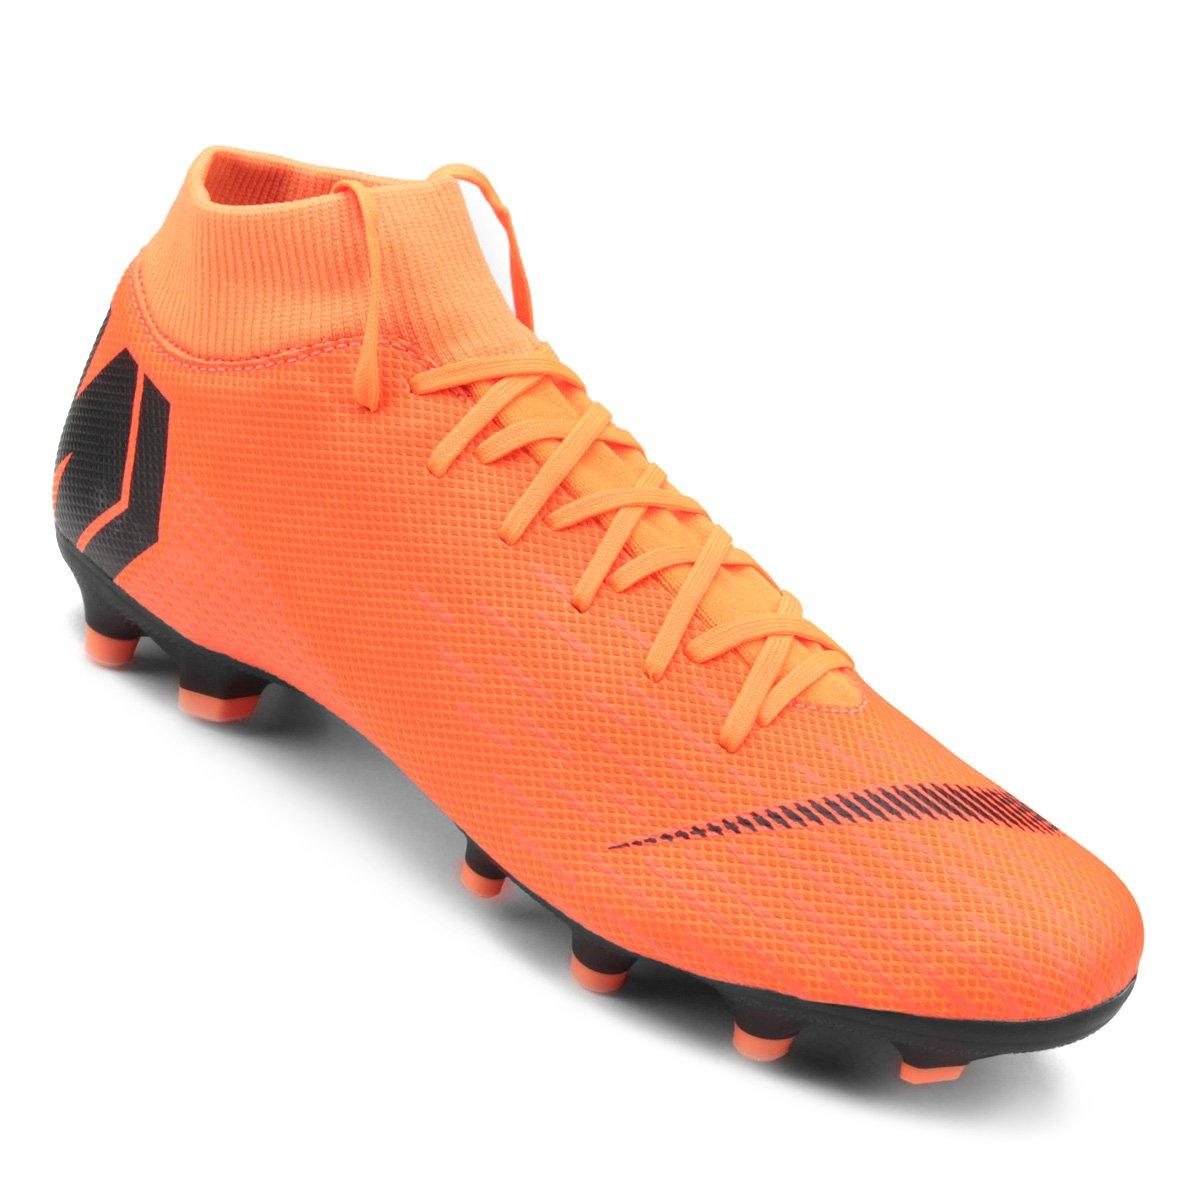 5b2d564ceb Chuteira Campo Nike Mercurial Superfly 6 Academy - Laranja e Preto - Compre  Agora